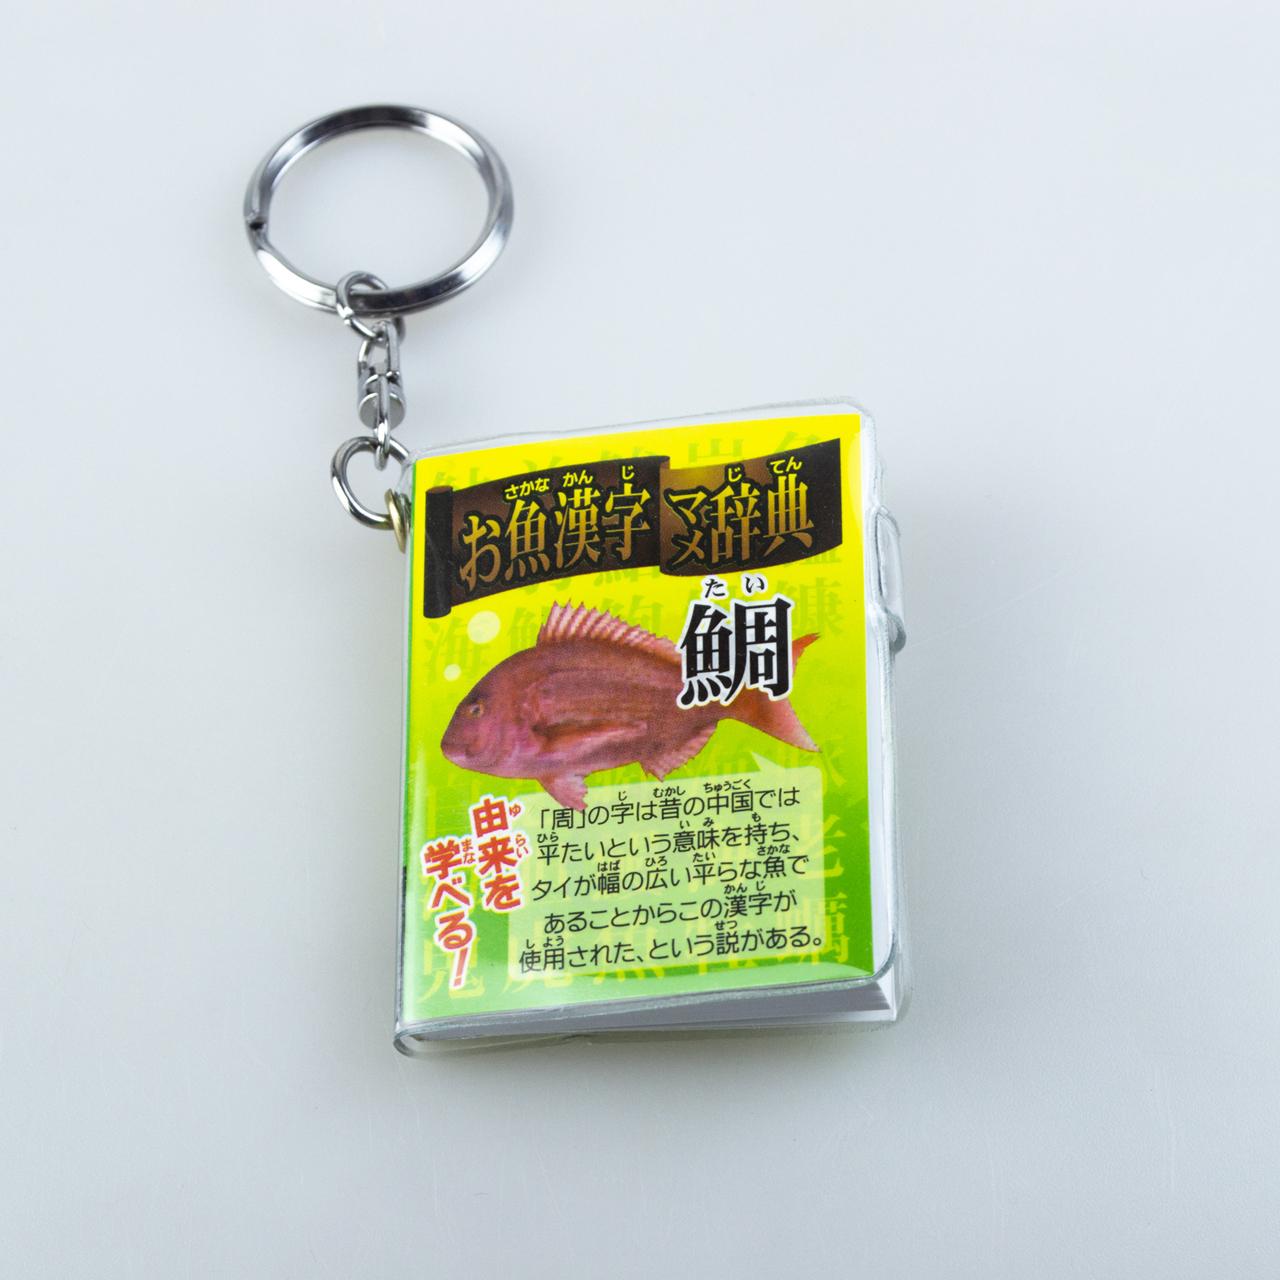 お魚漢字 マメ辞典